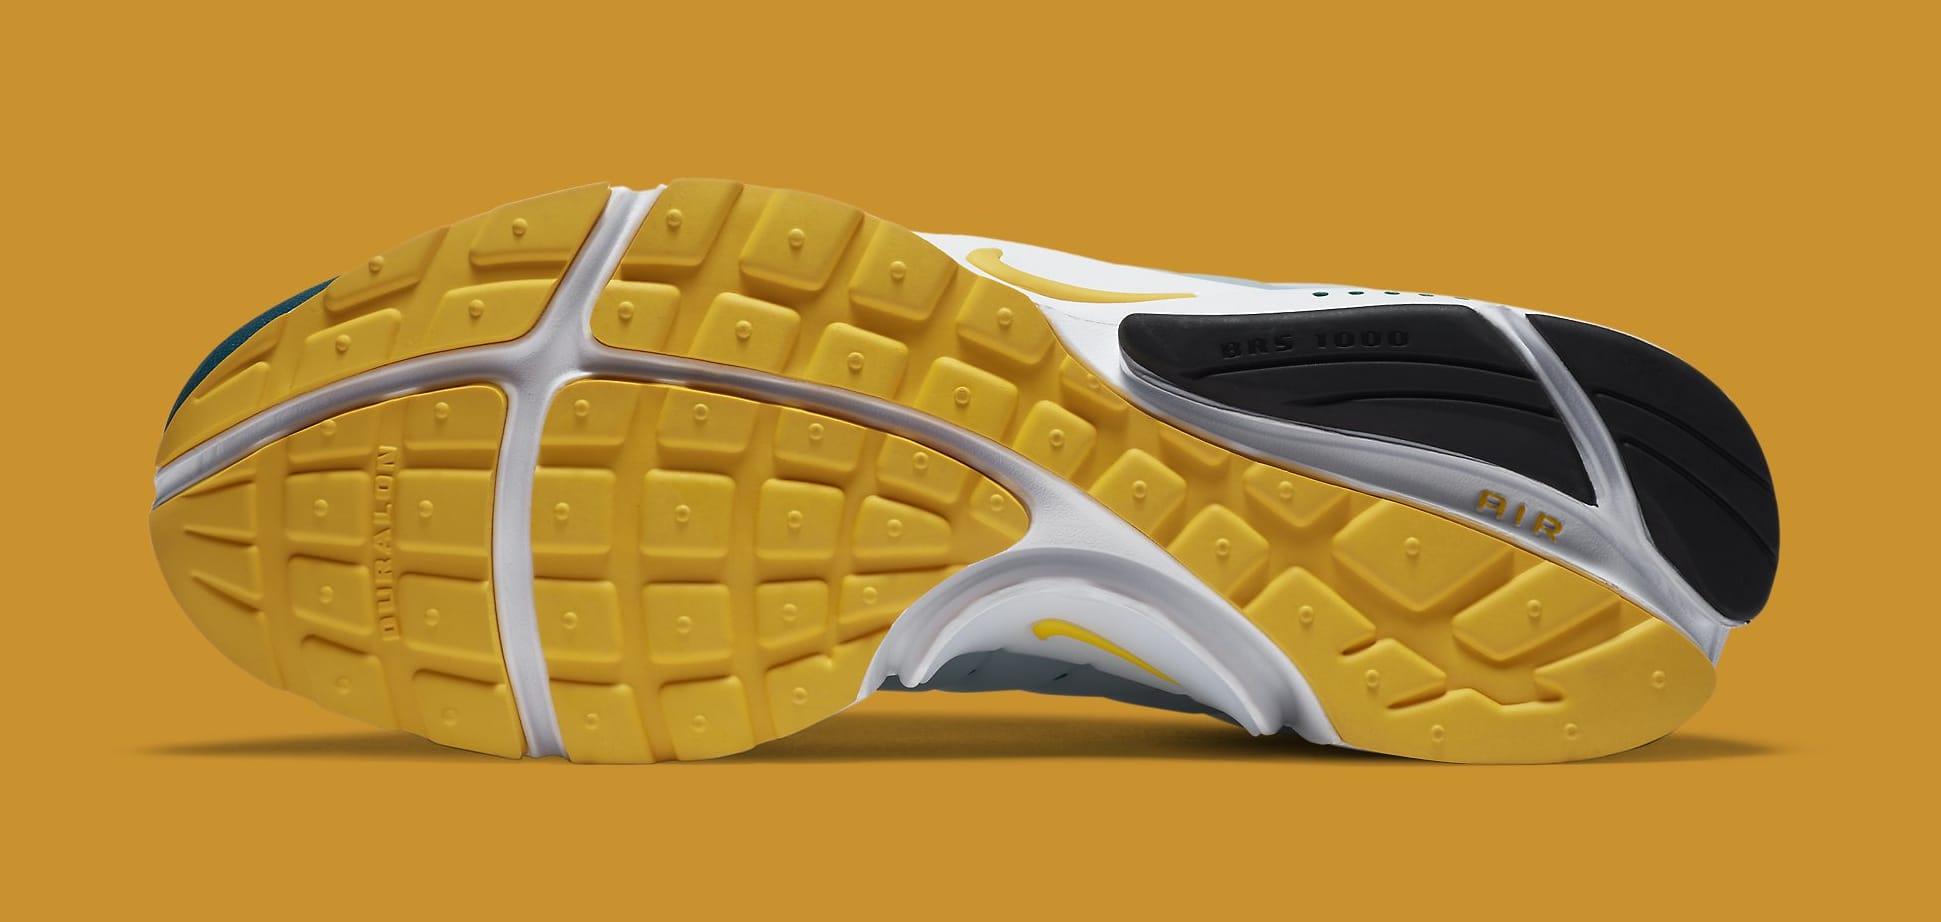 Nike Air Presto 'Australia' 2020 CJ1229-301 Outsole